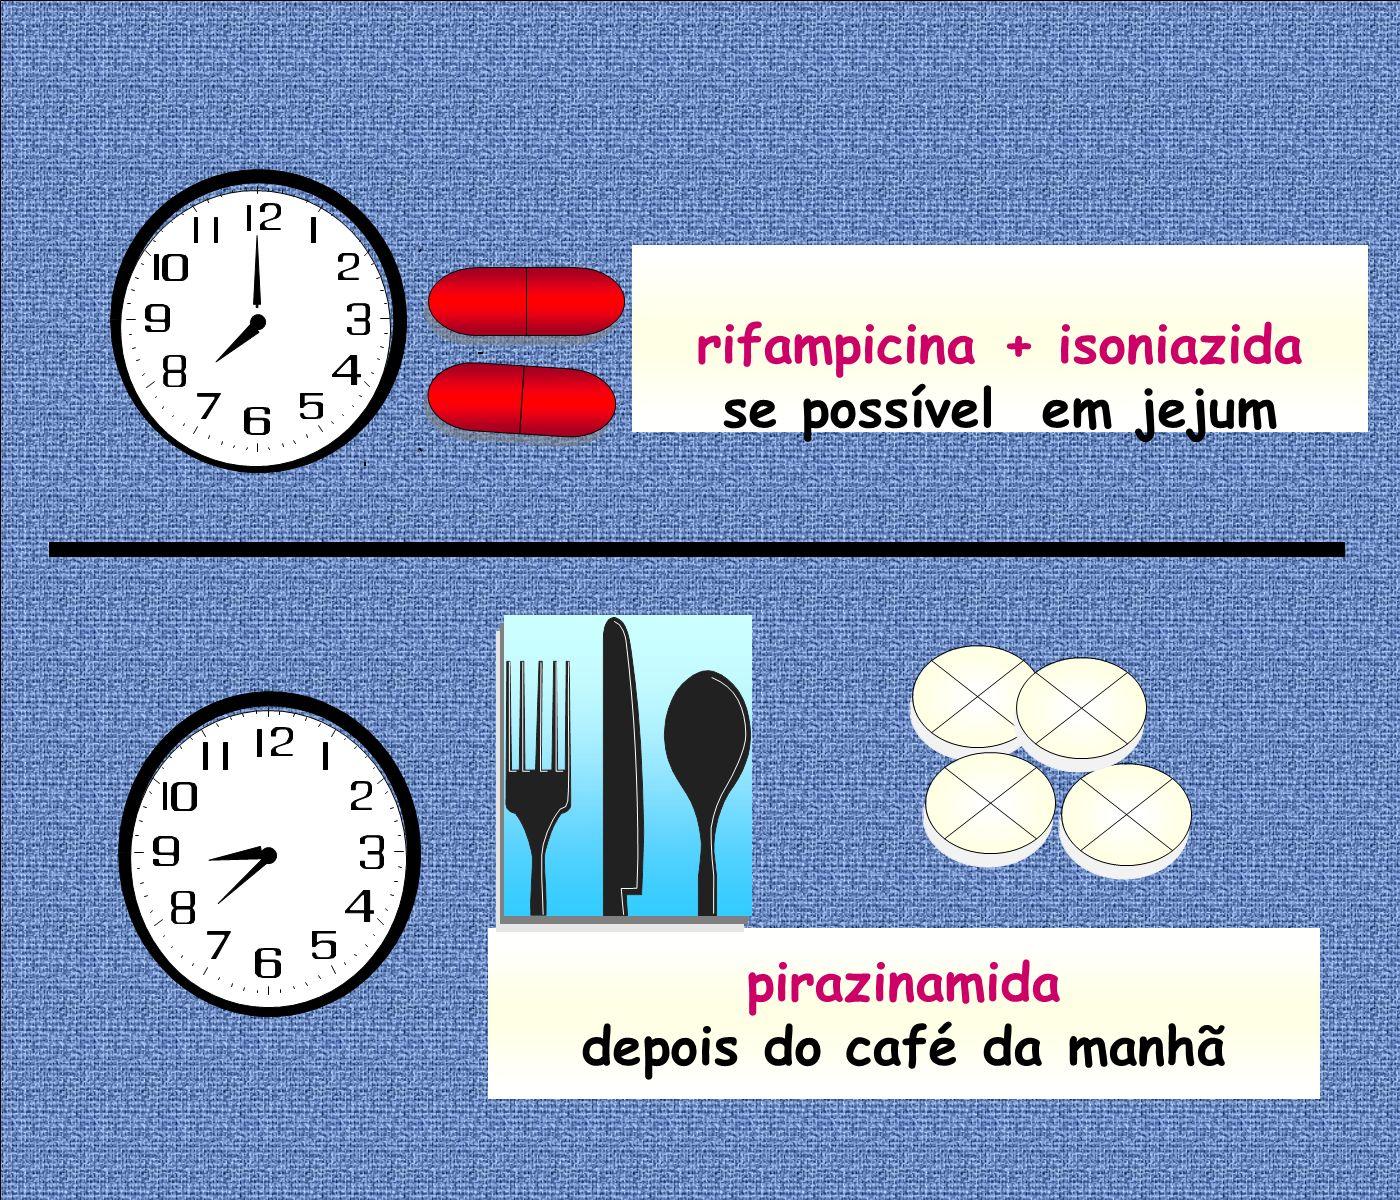 pirazinamida depois do café da manhã rifampicina + isoniazida se possível em jejum